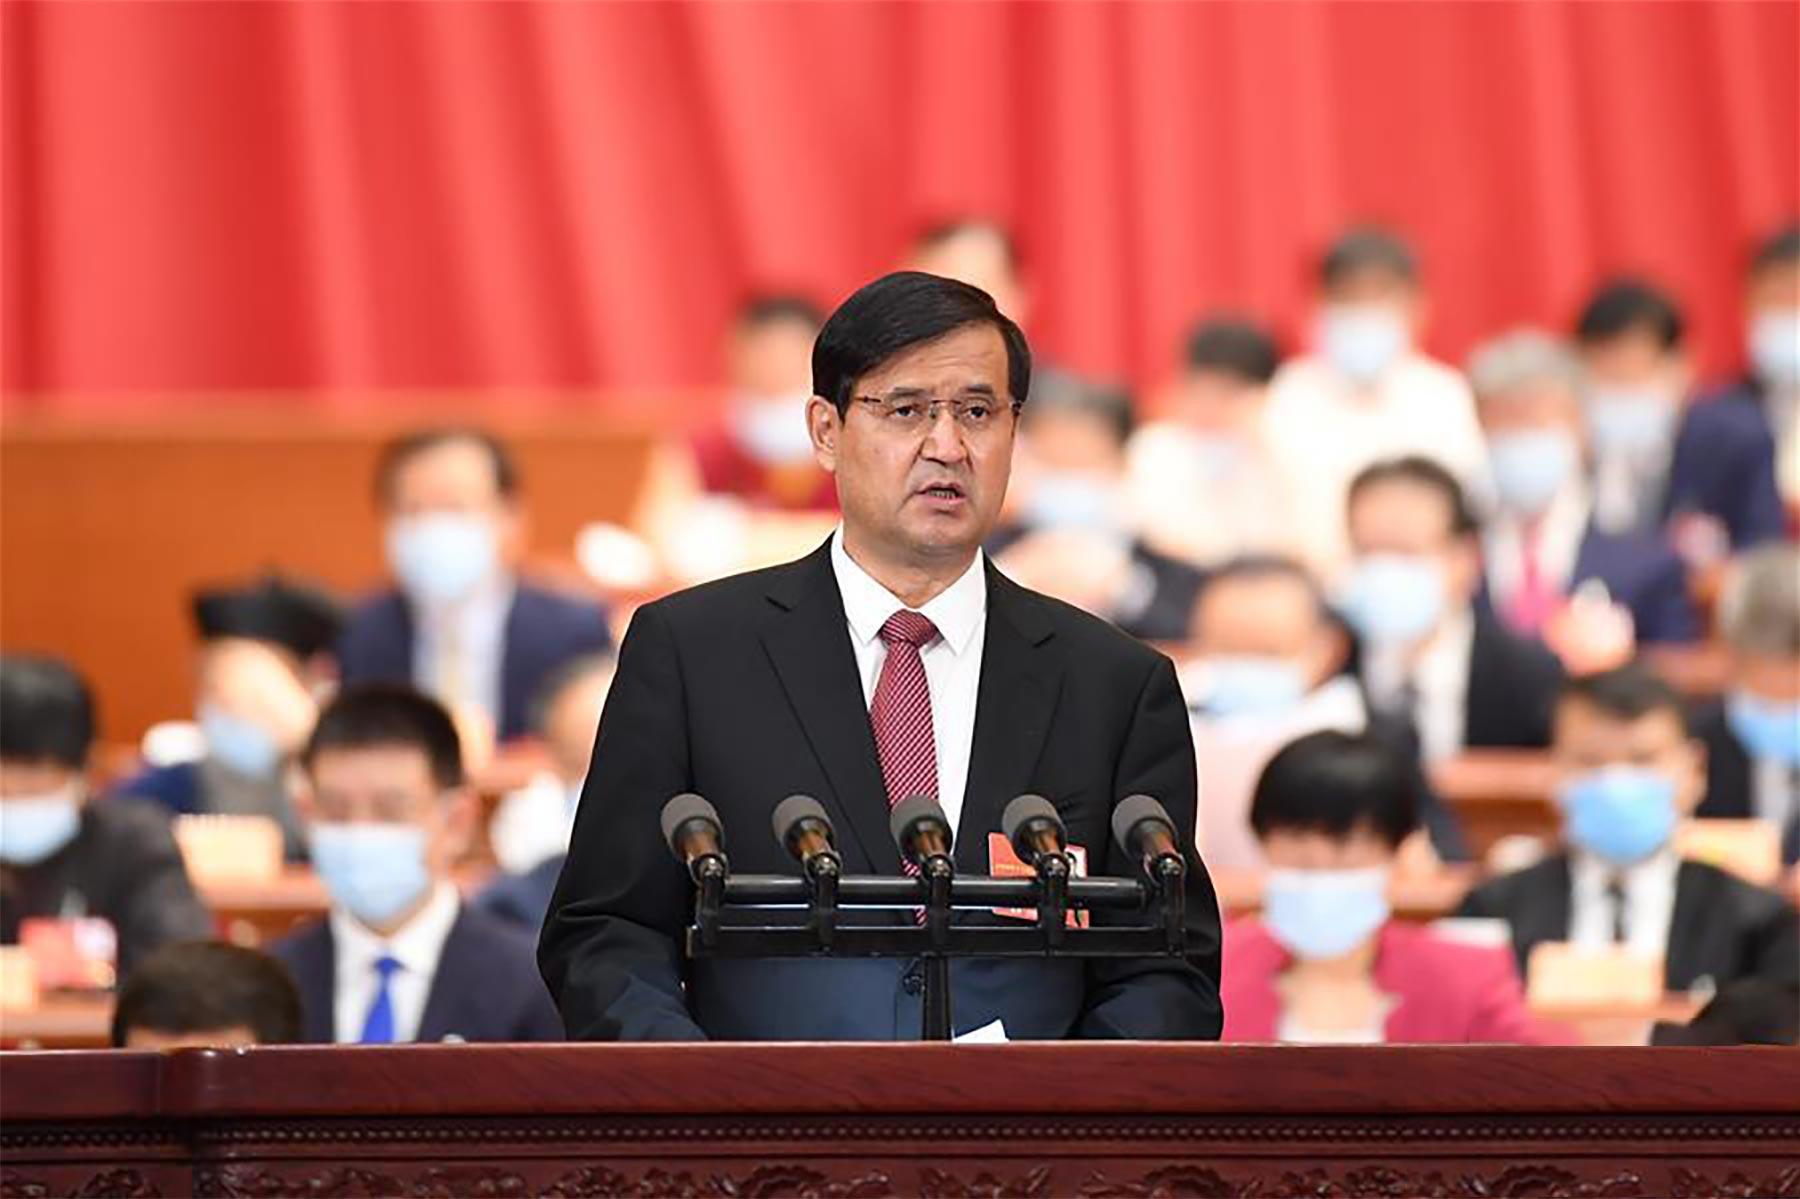 穆铁礼甫·哈斯木委员作大会发言。新华社记者 刘彬 摄